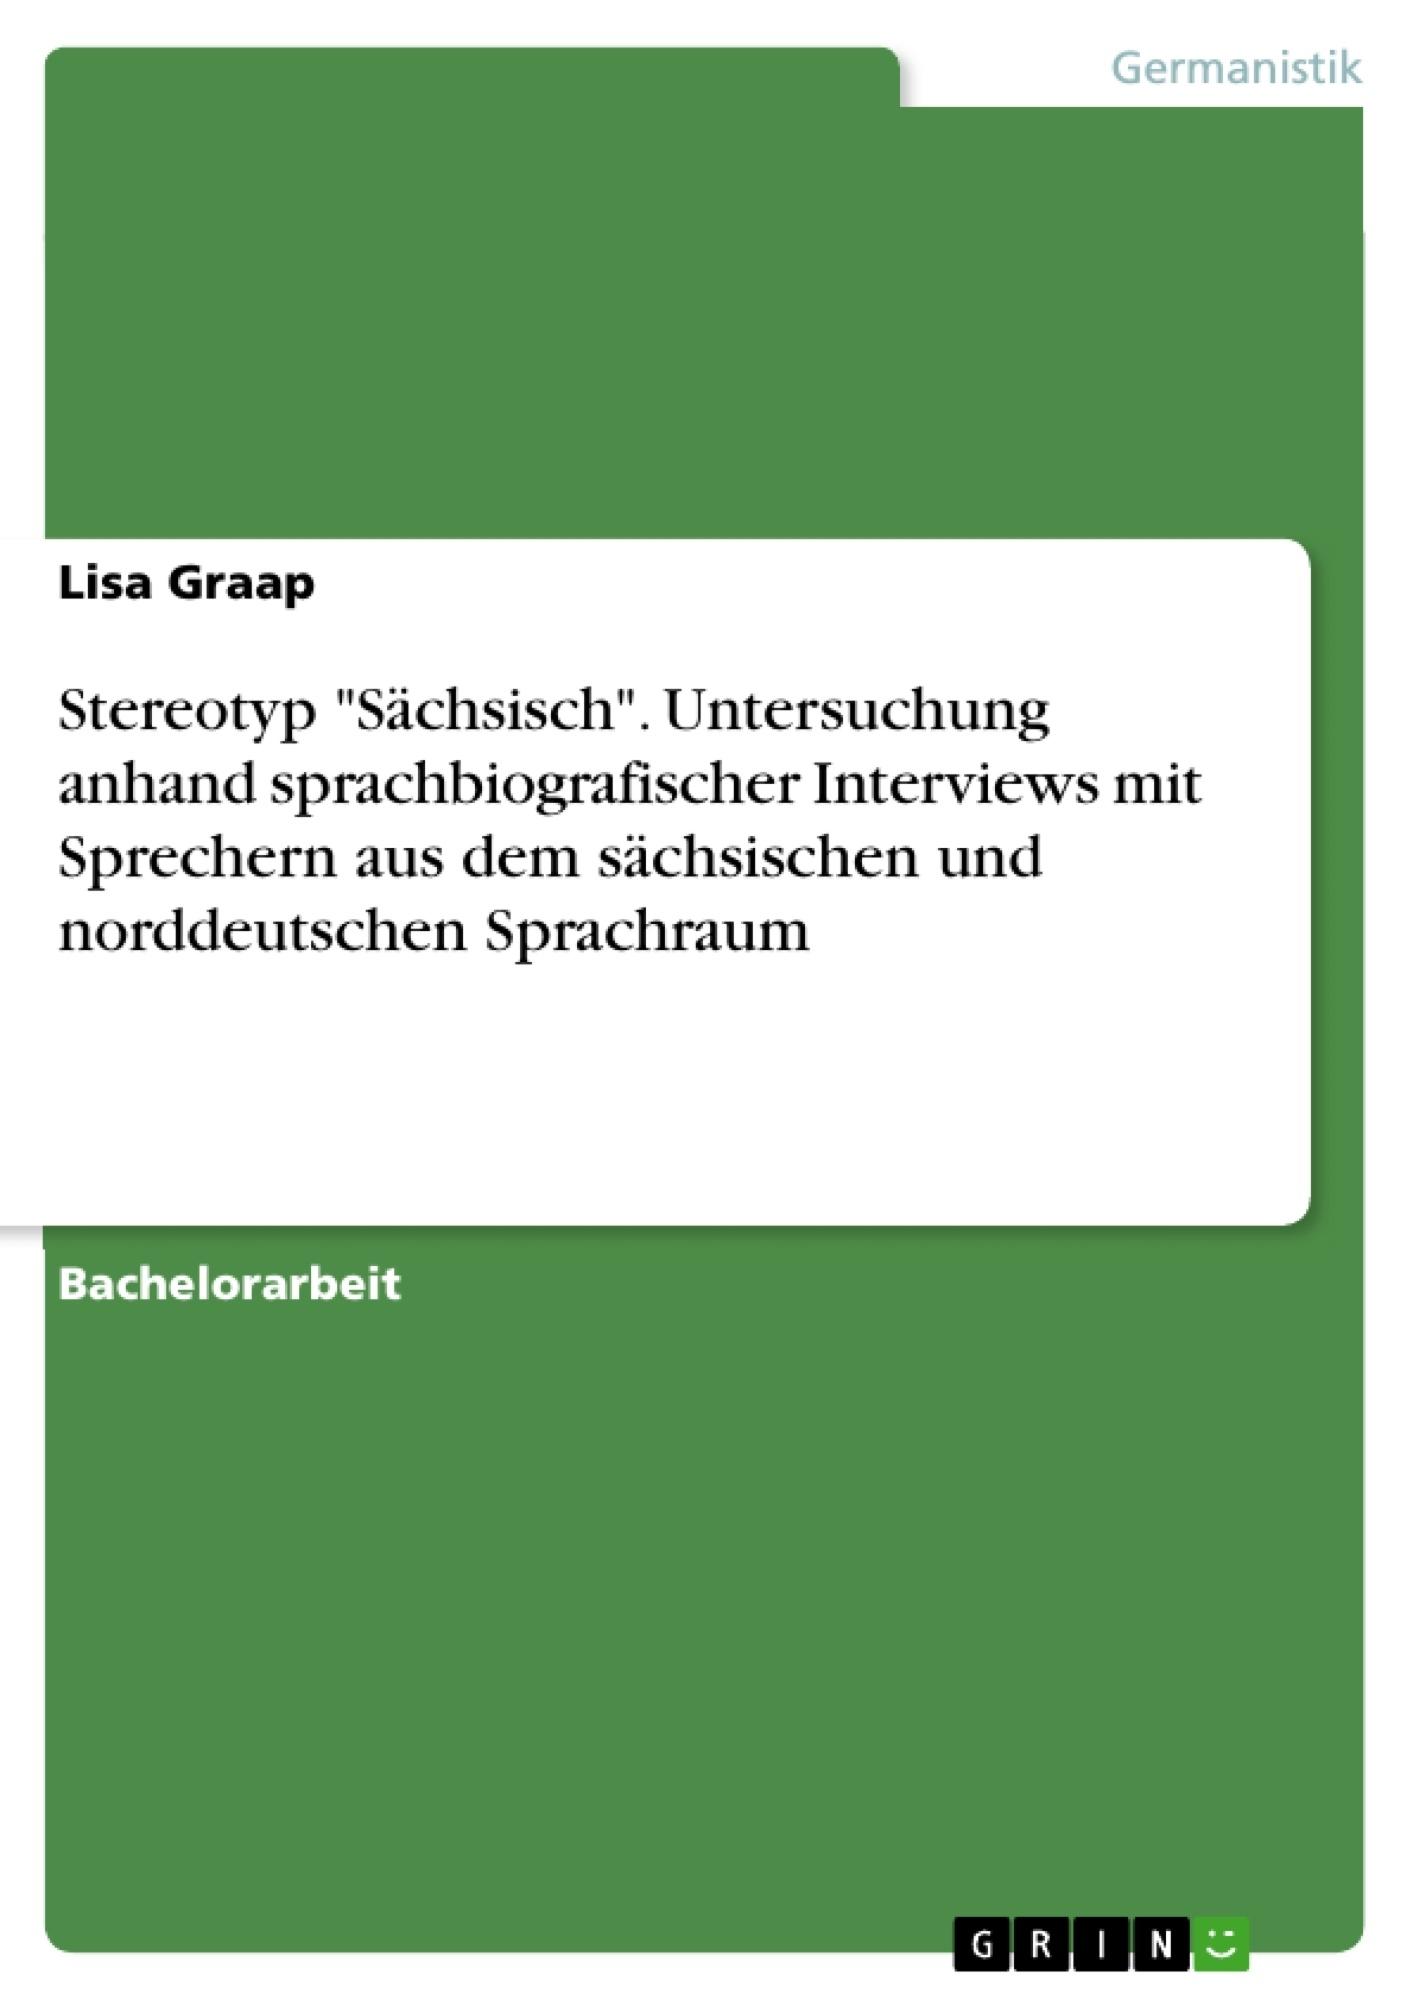 """Titel: Stereotyp """"Sächsisch"""". Untersuchung anhand sprachbiografischer Interviews mit Sprechern aus dem sächsischen und norddeutschen Sprachraum"""